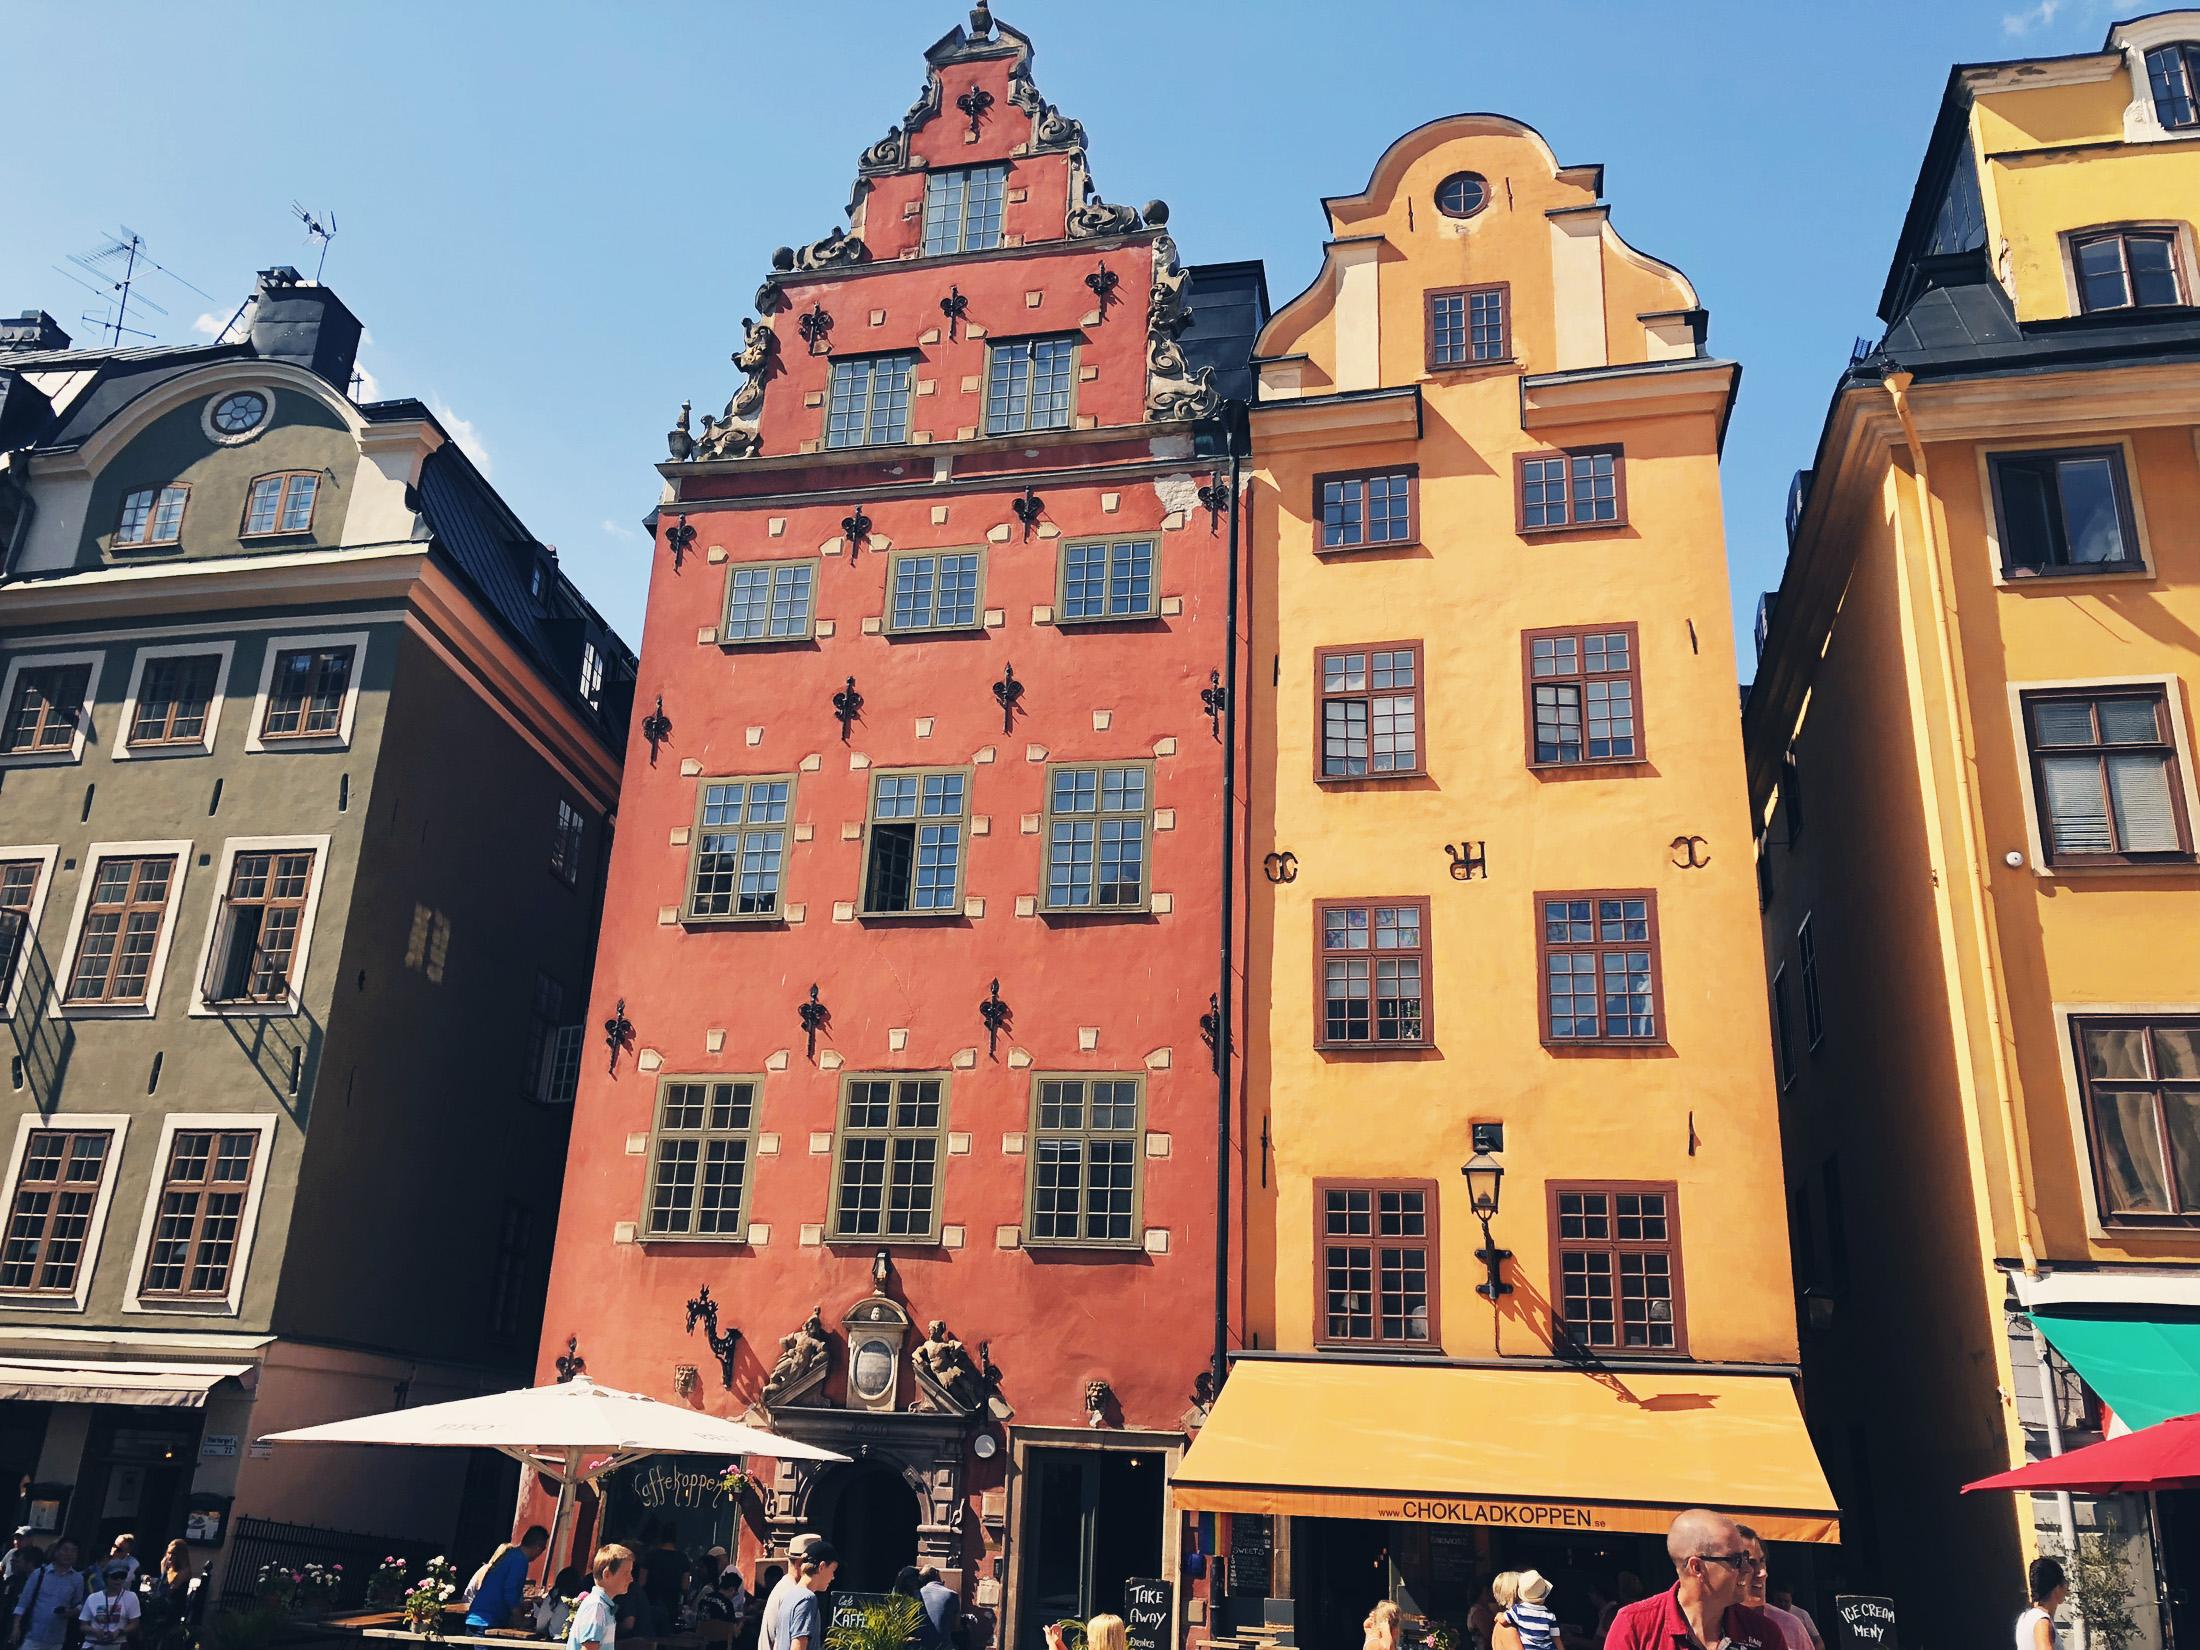 Stutenska huset